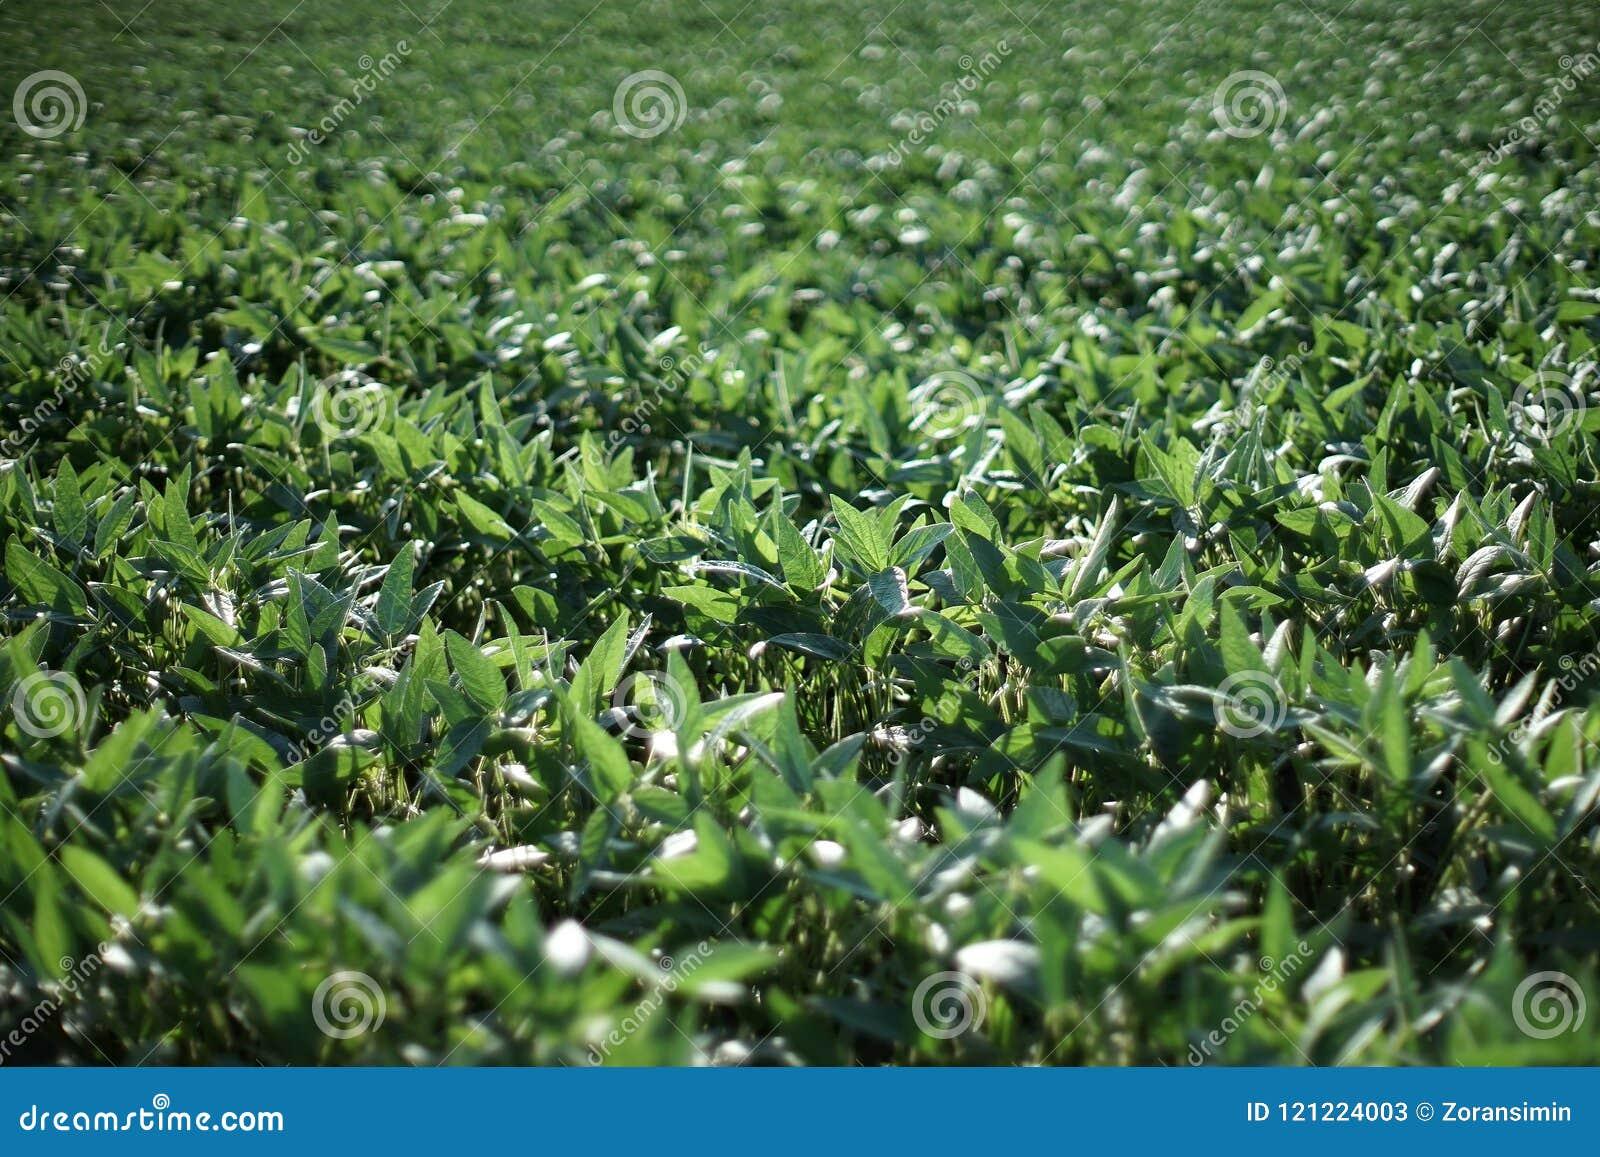 Green soybean plants in field